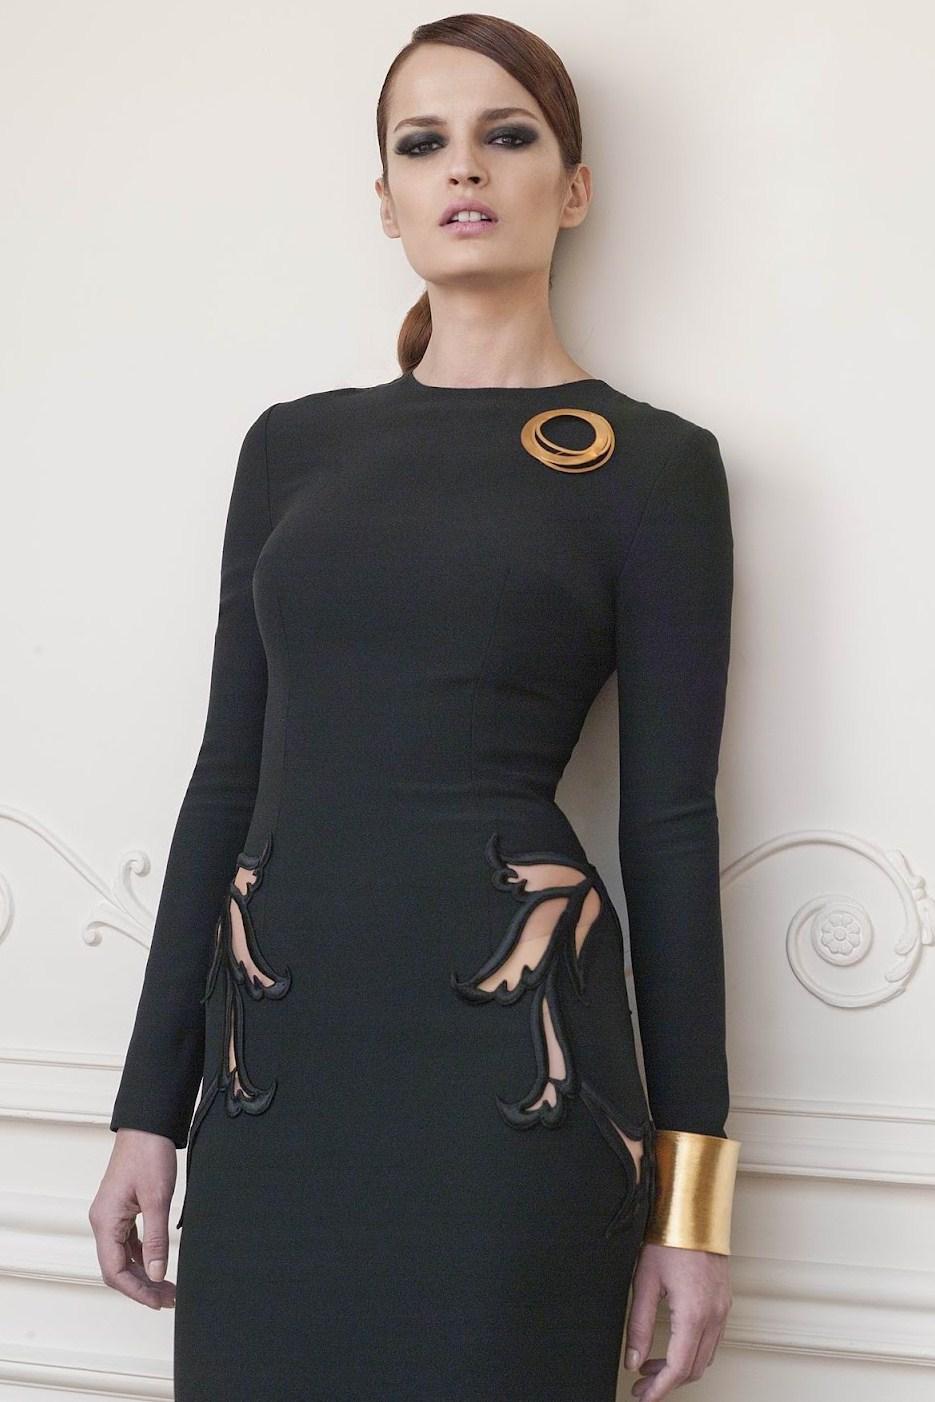 Фото самий красивий актрисы туркия 11 фотография